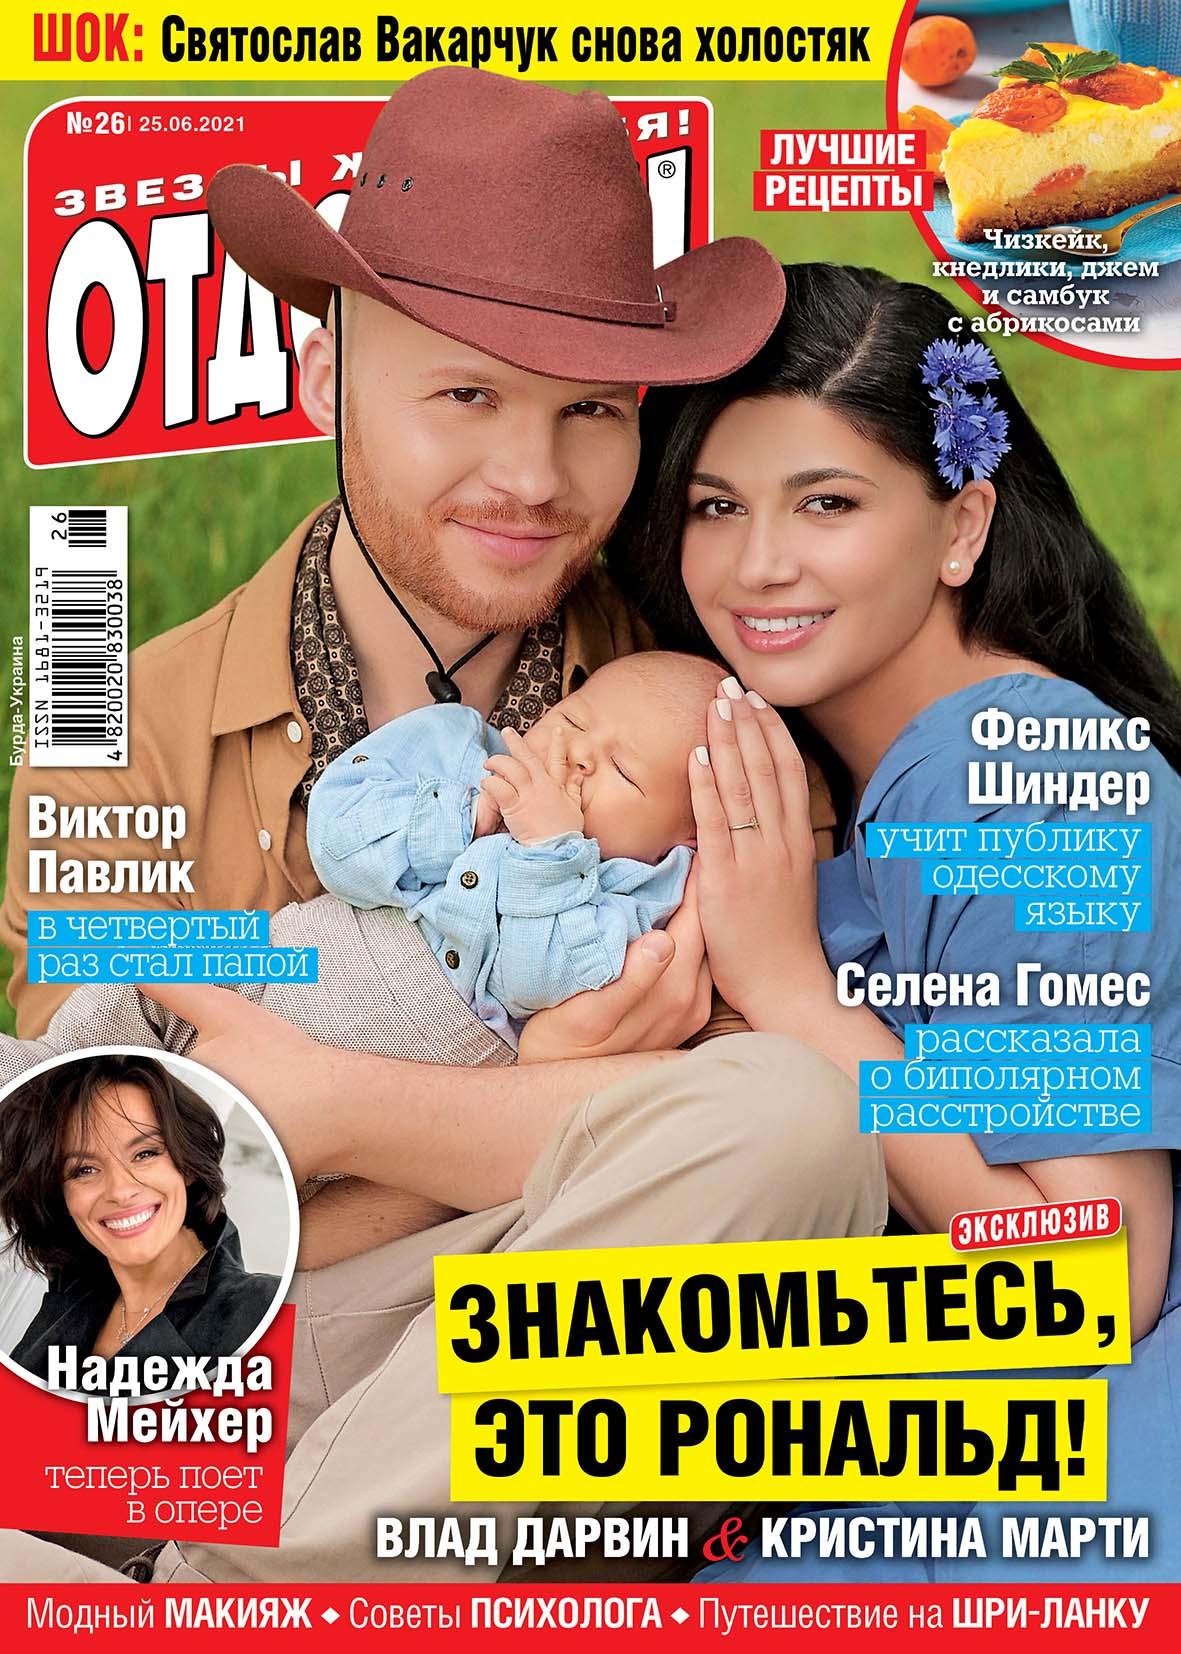 Vlad Darwin впервые показал своего сына в стильной семейной фотосессии!  (ФОТО) — фото 1